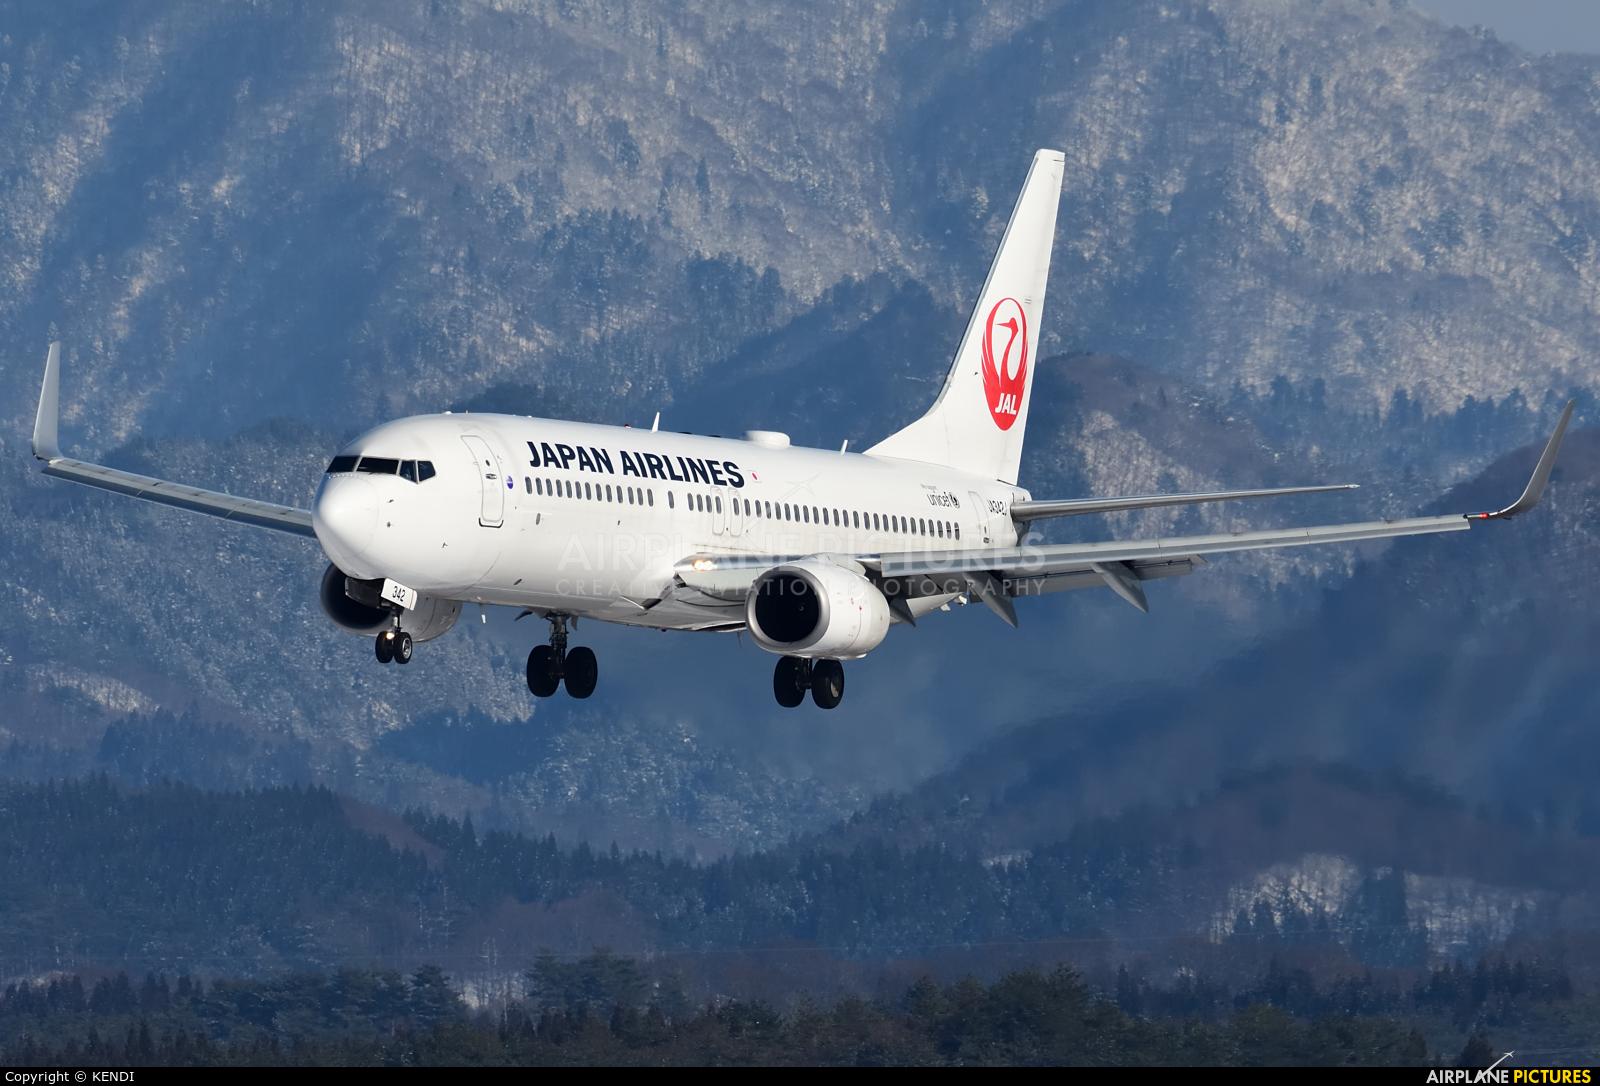 JAL - Japan Airlines JA342J aircraft at Akita